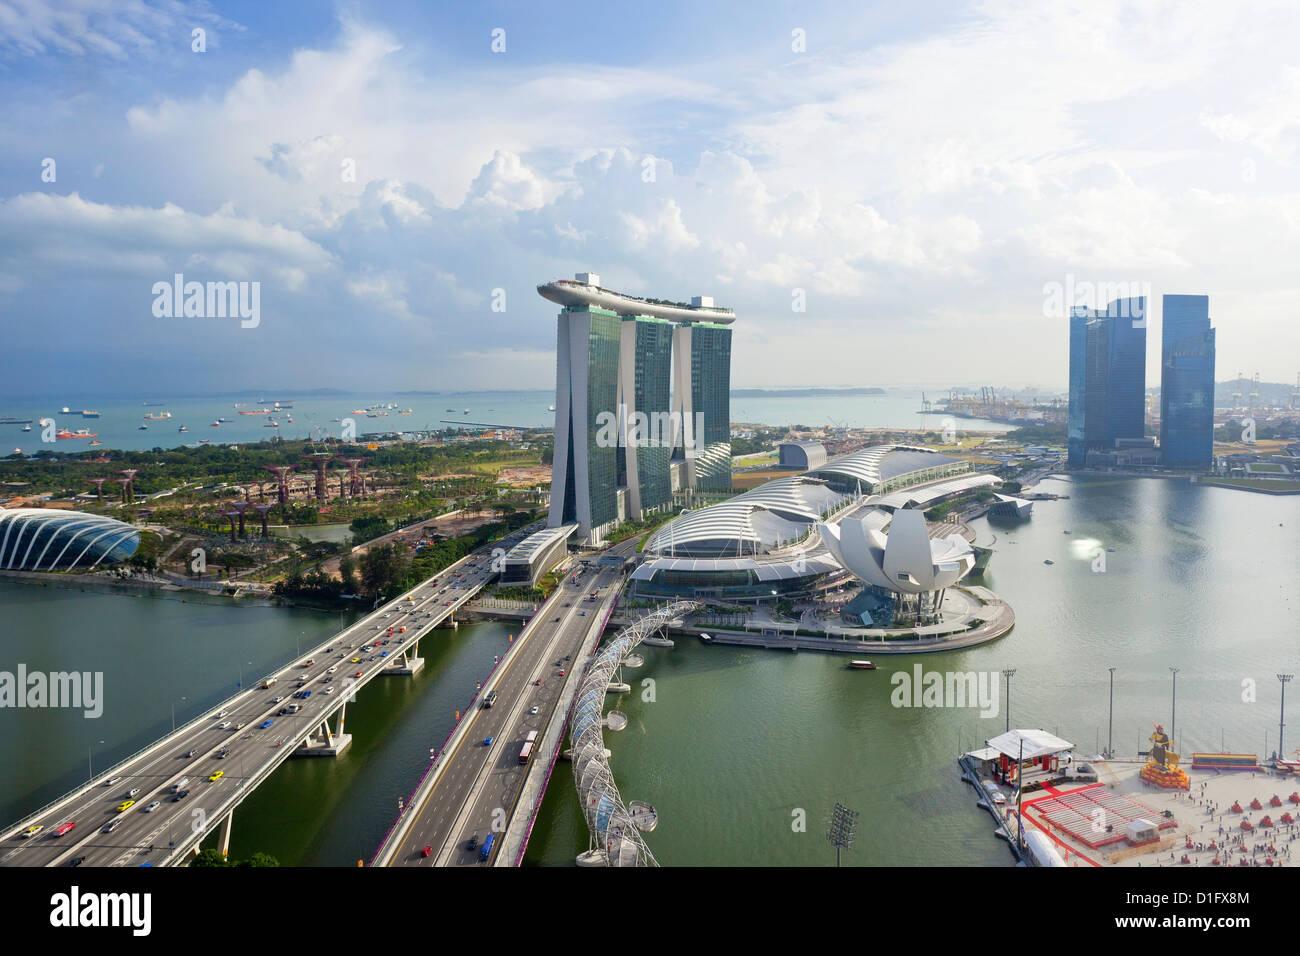 L'Helix Bridge et Marina Bay Sands, Singapour Marina Bay, à Singapour, en Asie du Sud-Est, l'Asie Photo Stock